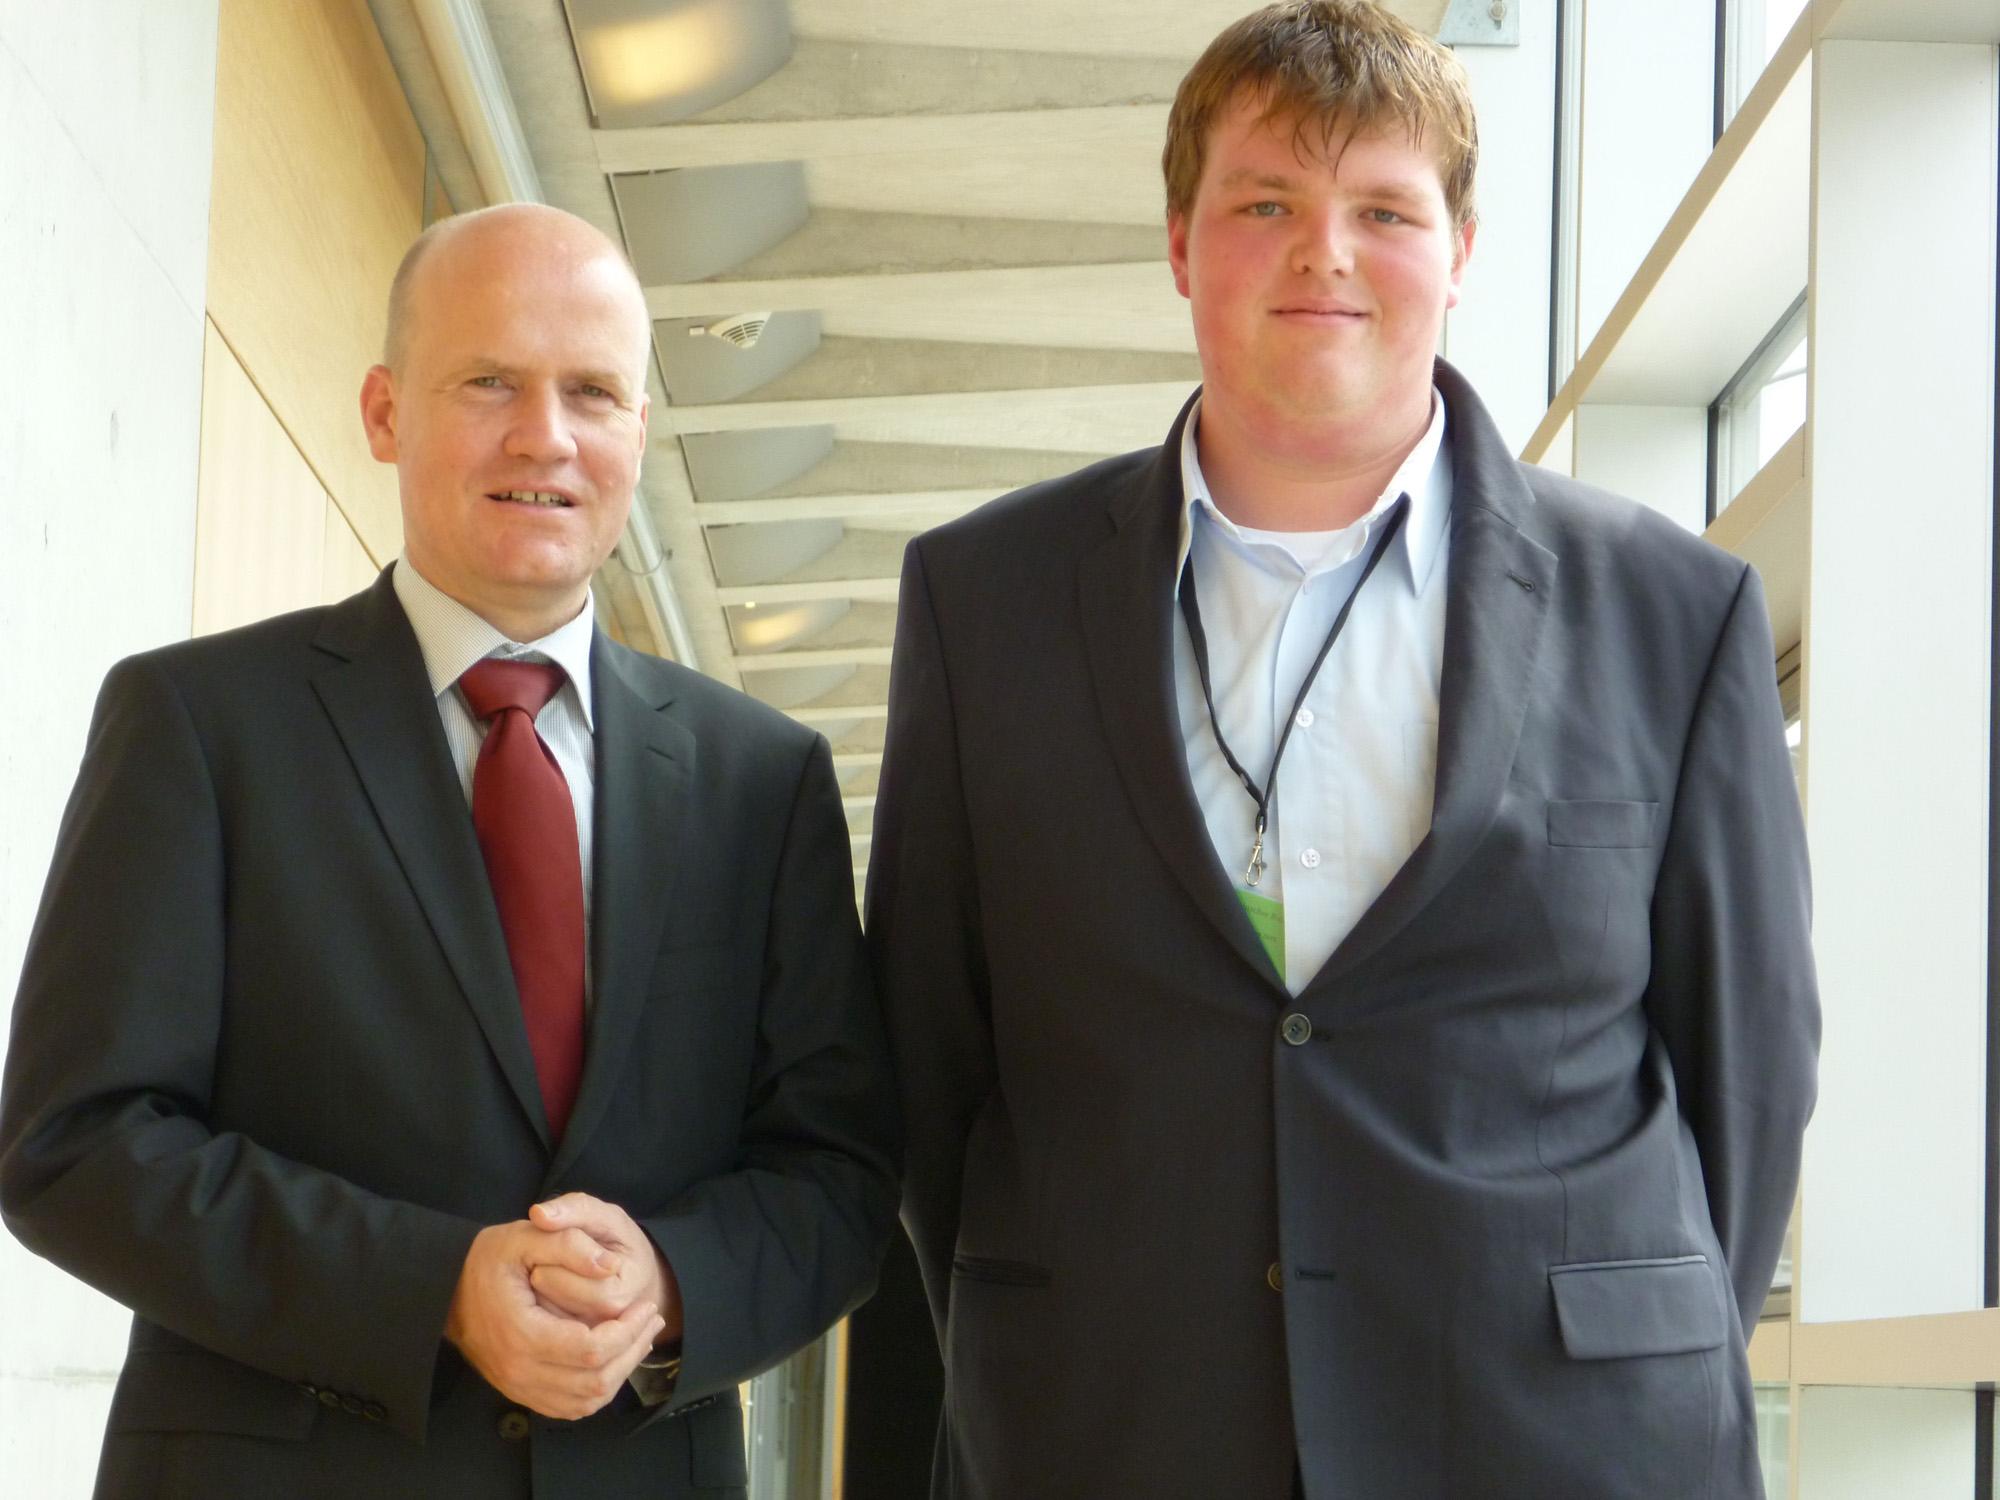 Jugend und Parlament, Ralph Brinkhaus MdB und Stefan Sendfeld